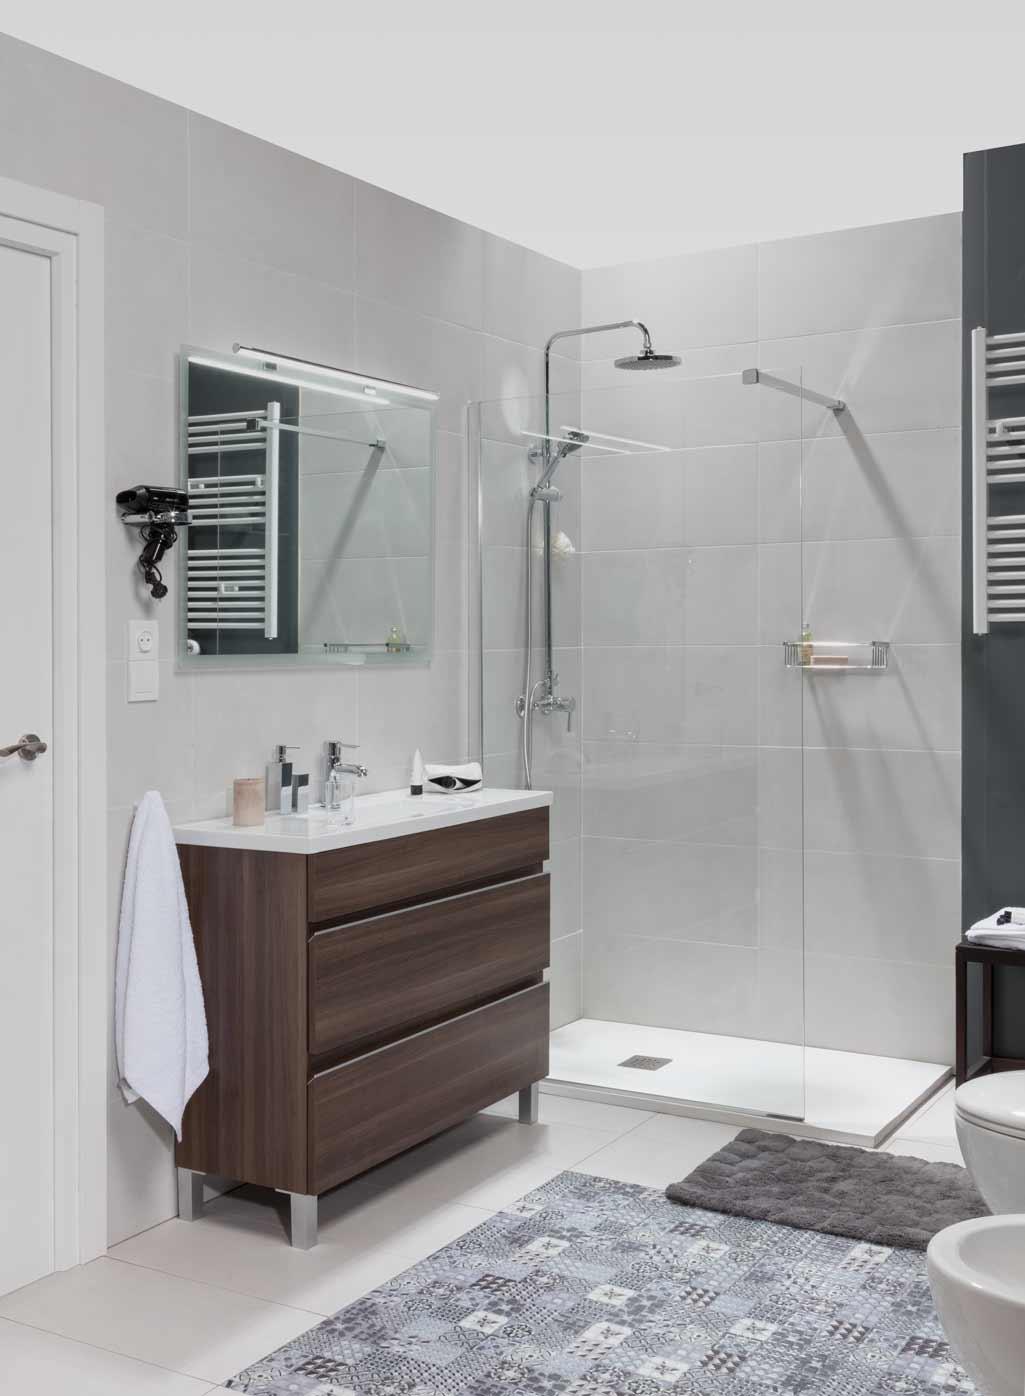 Lavabo minimalista GESTO en porcelana blanca en baño completo con mueble color chocolate.